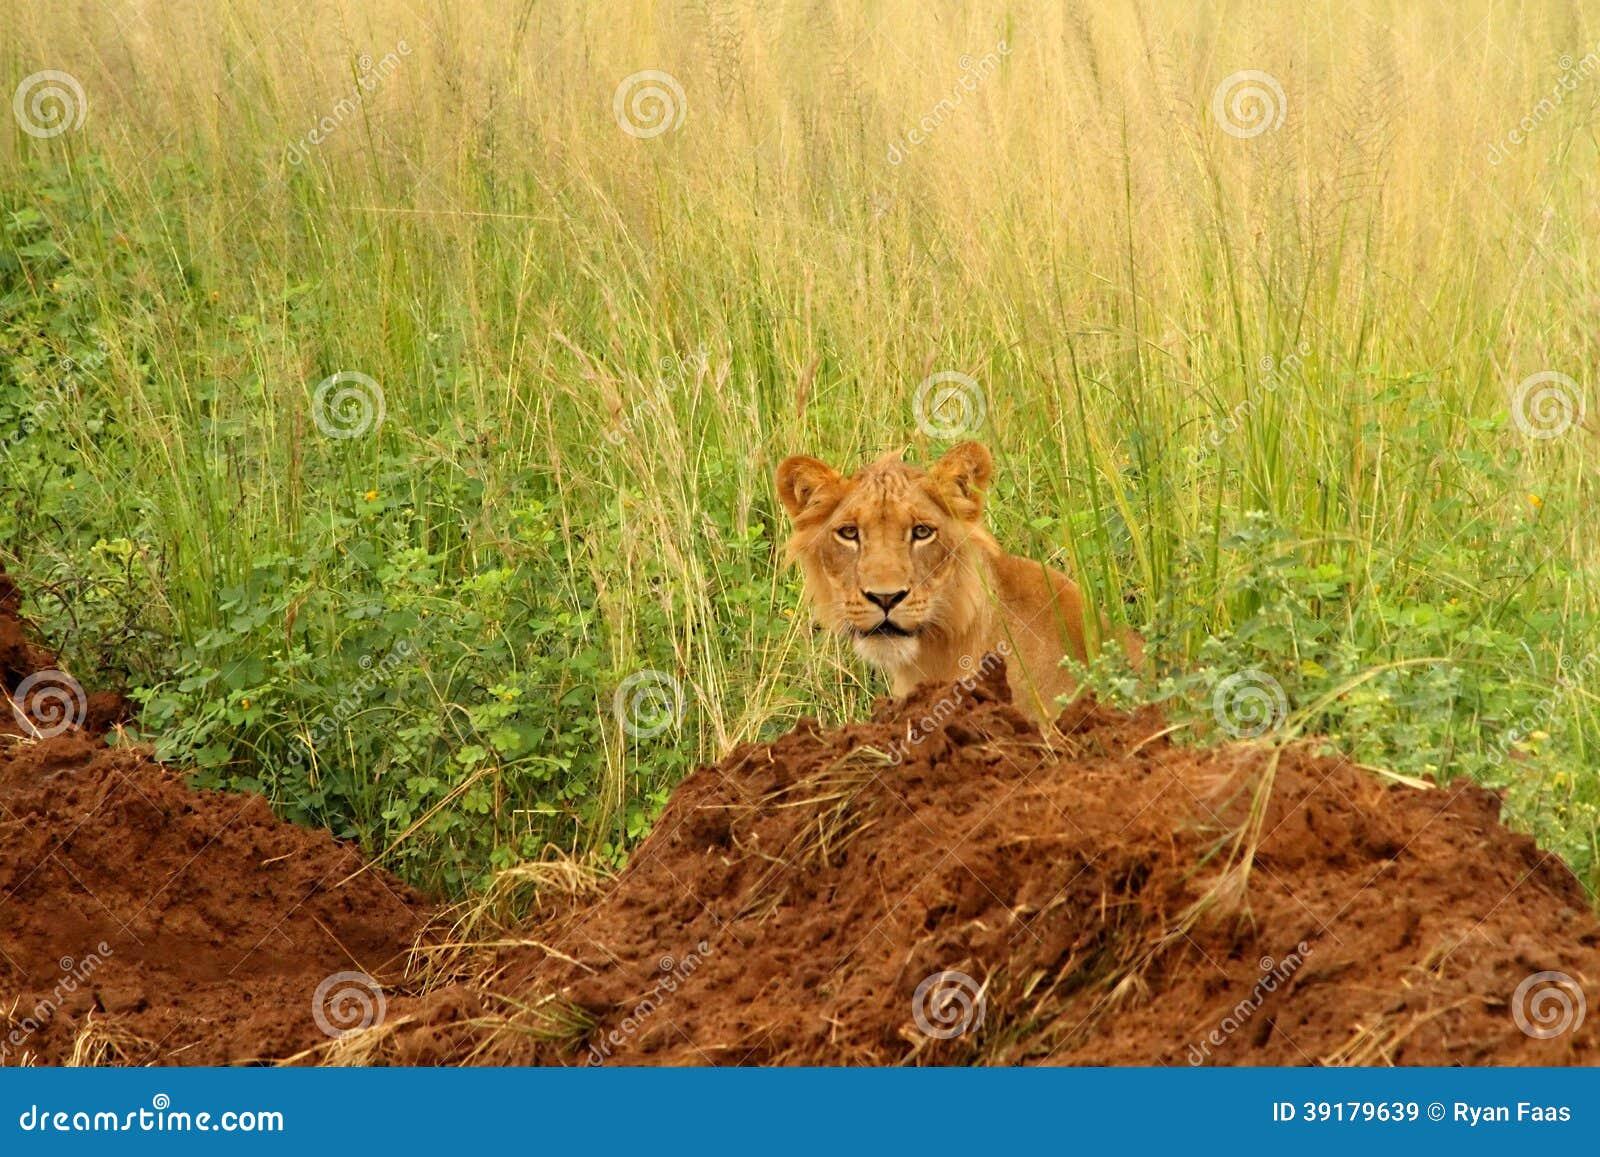 Ювенильный мужской лев всматривается вне от длинной травы